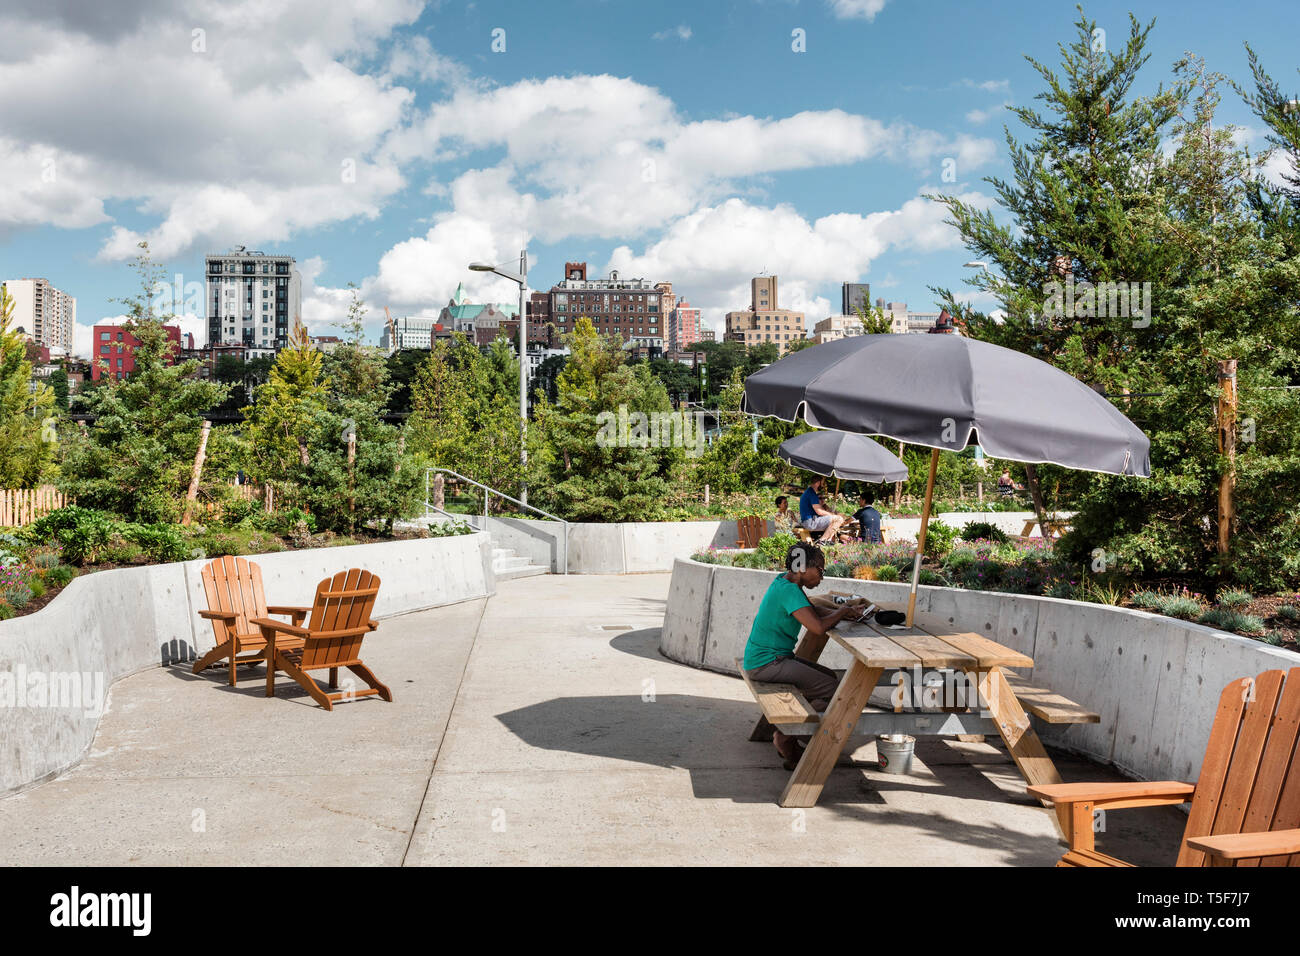 Picnic mobili Tavoli e sedie di Adirondack raggruppati per creare aree con posti a sedere. Ponte di Brooklyn Park Pier 3, Brooklyn, Stati Uniti. Architetto: Micha Foto Stock